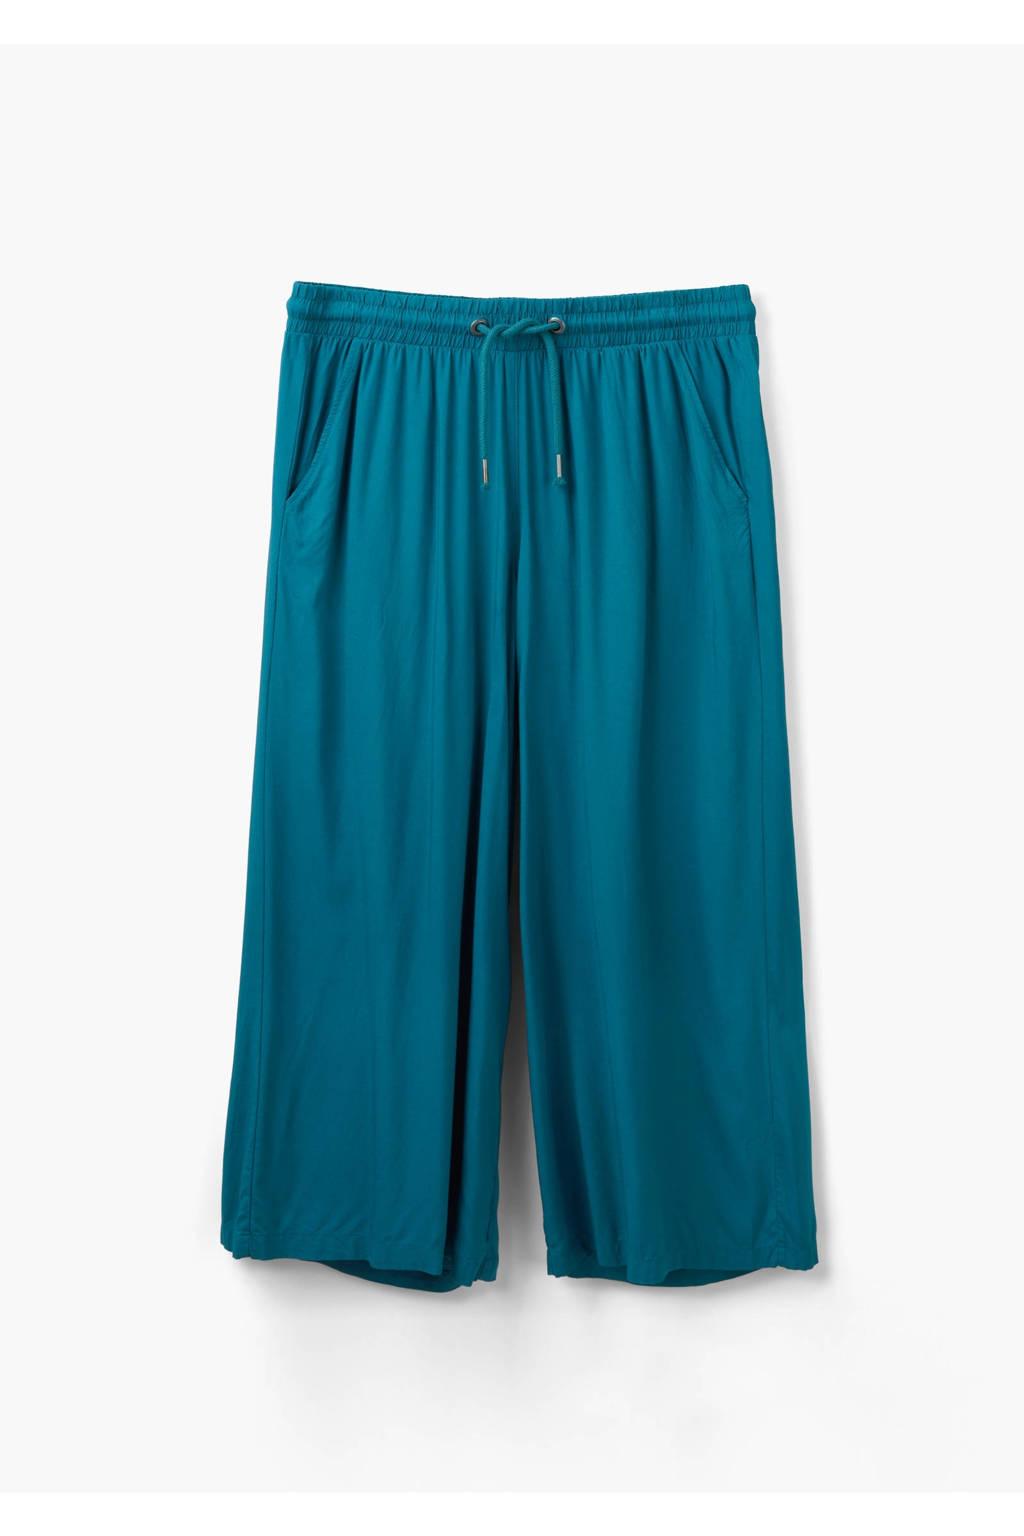 Q/S designed by high waist culotte blauw, Blauw